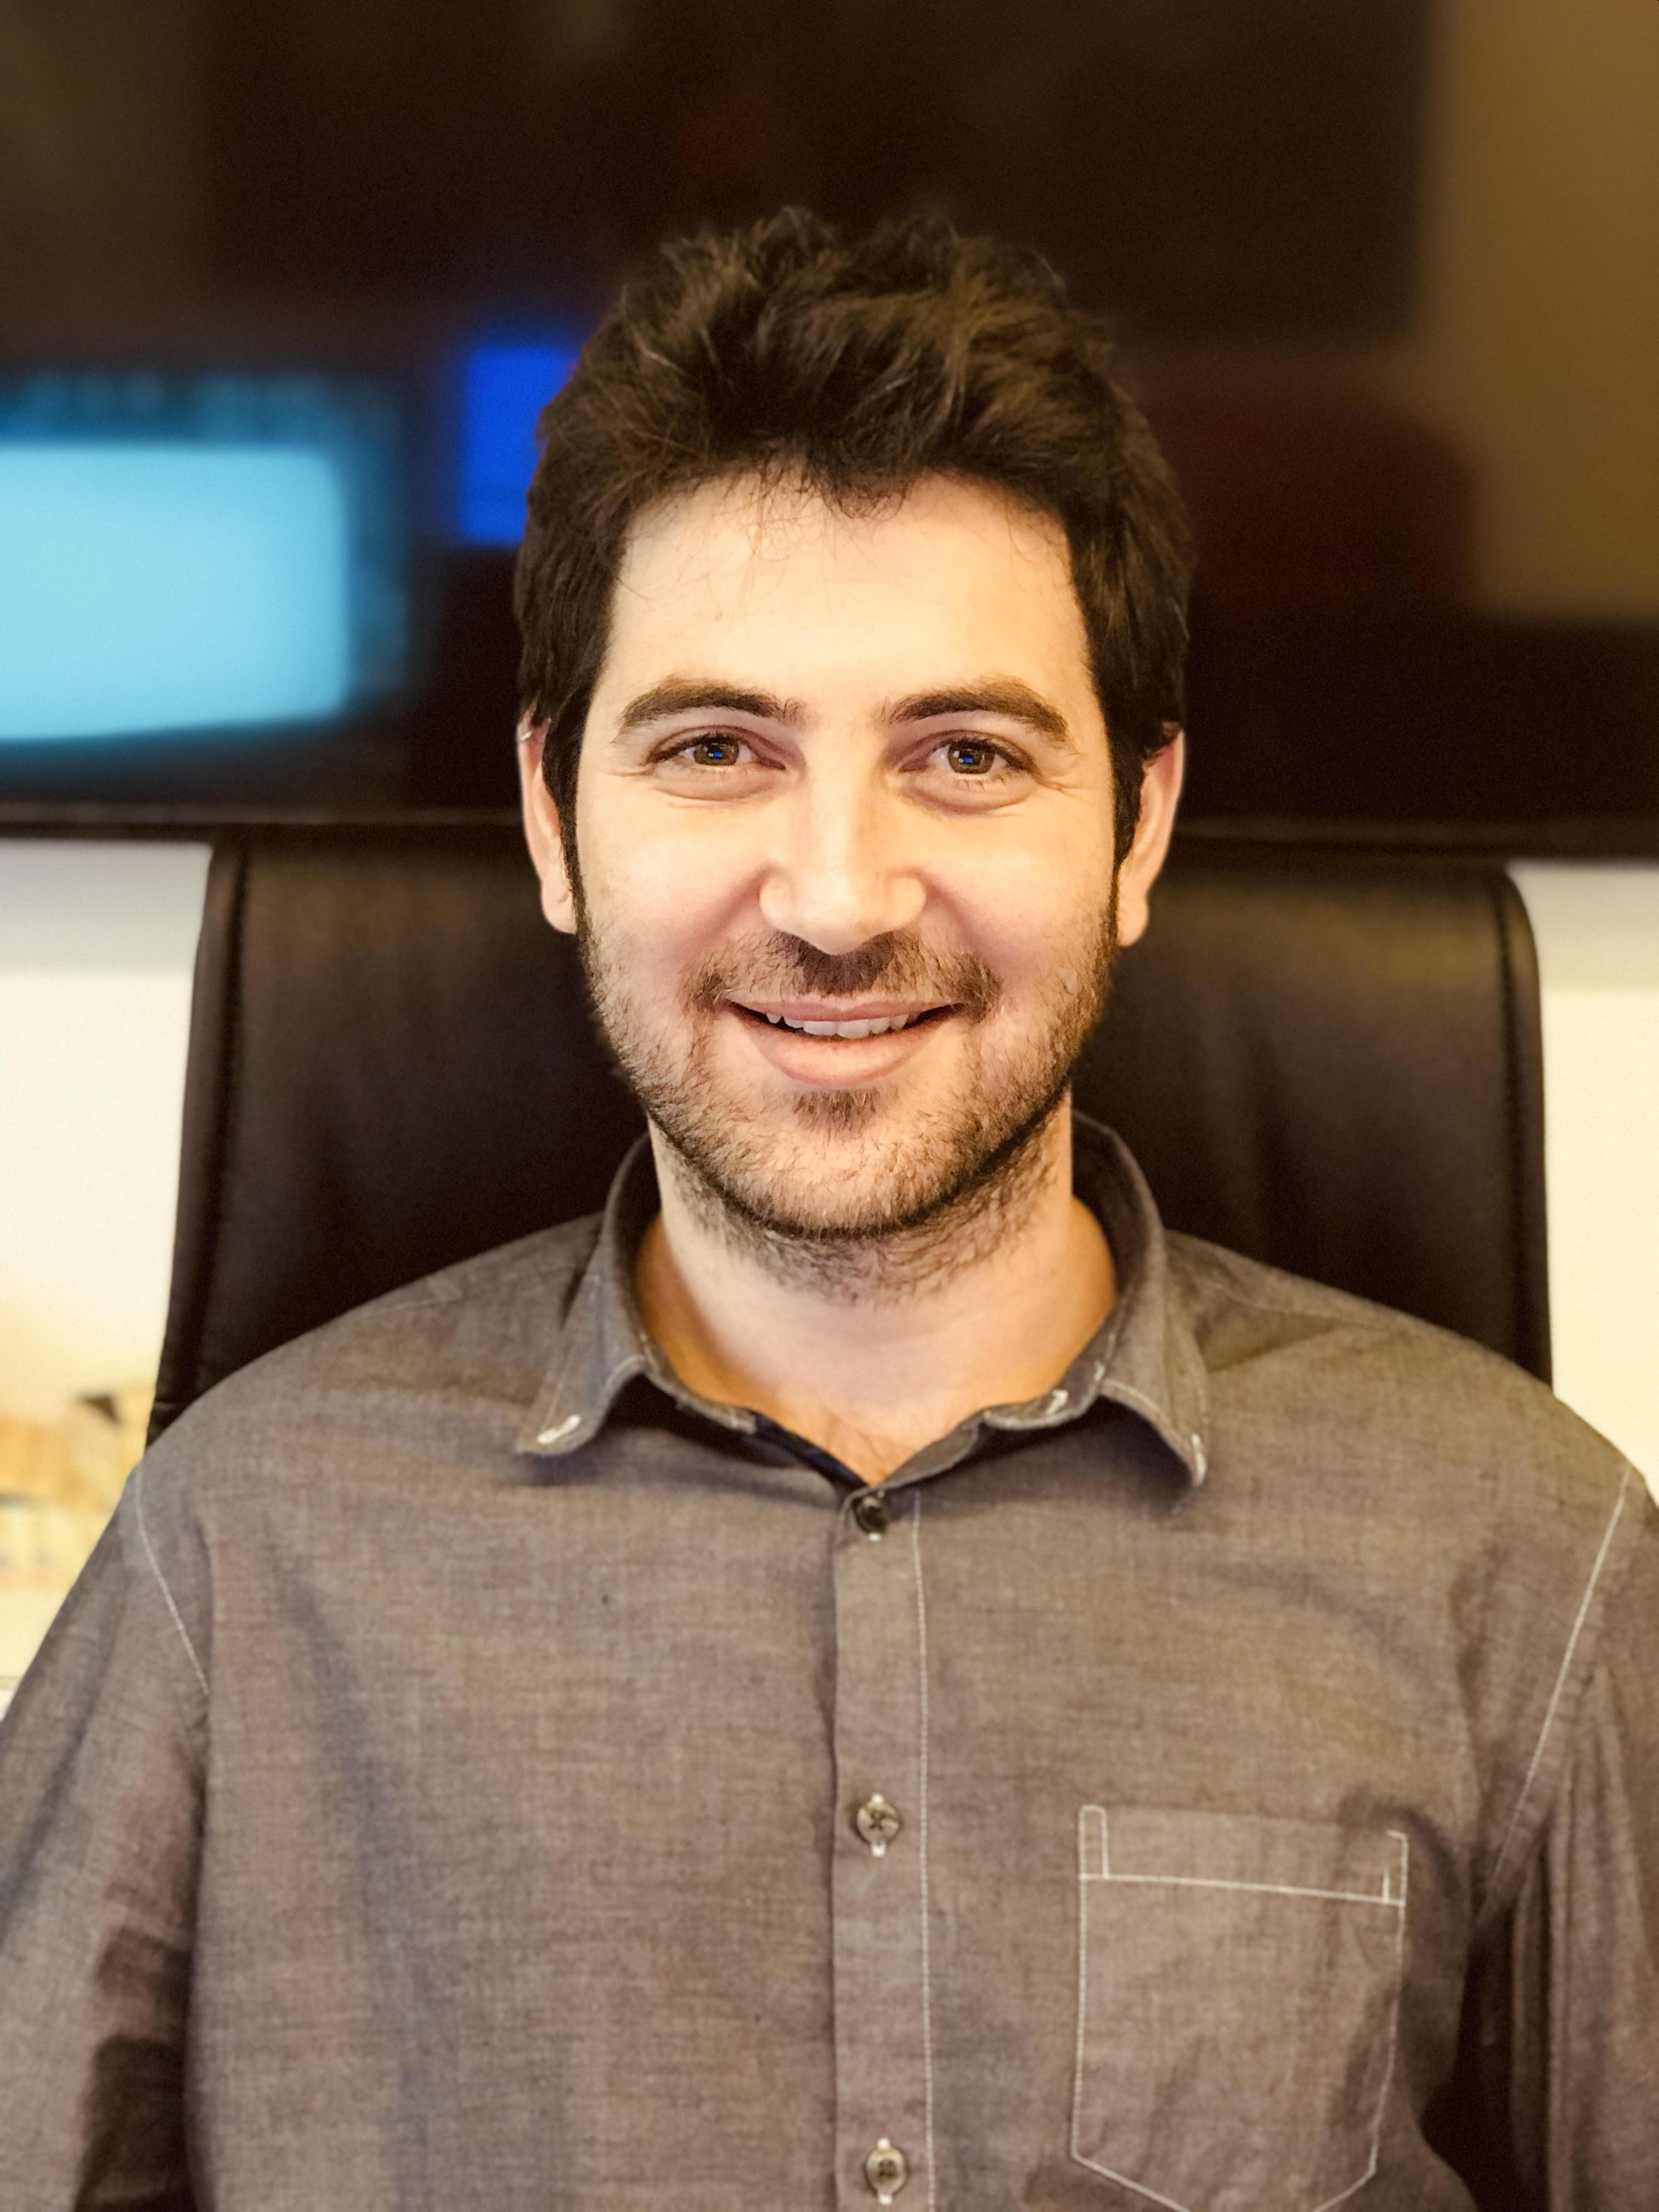 Headshot of Equalweb CEO Adam Ikar